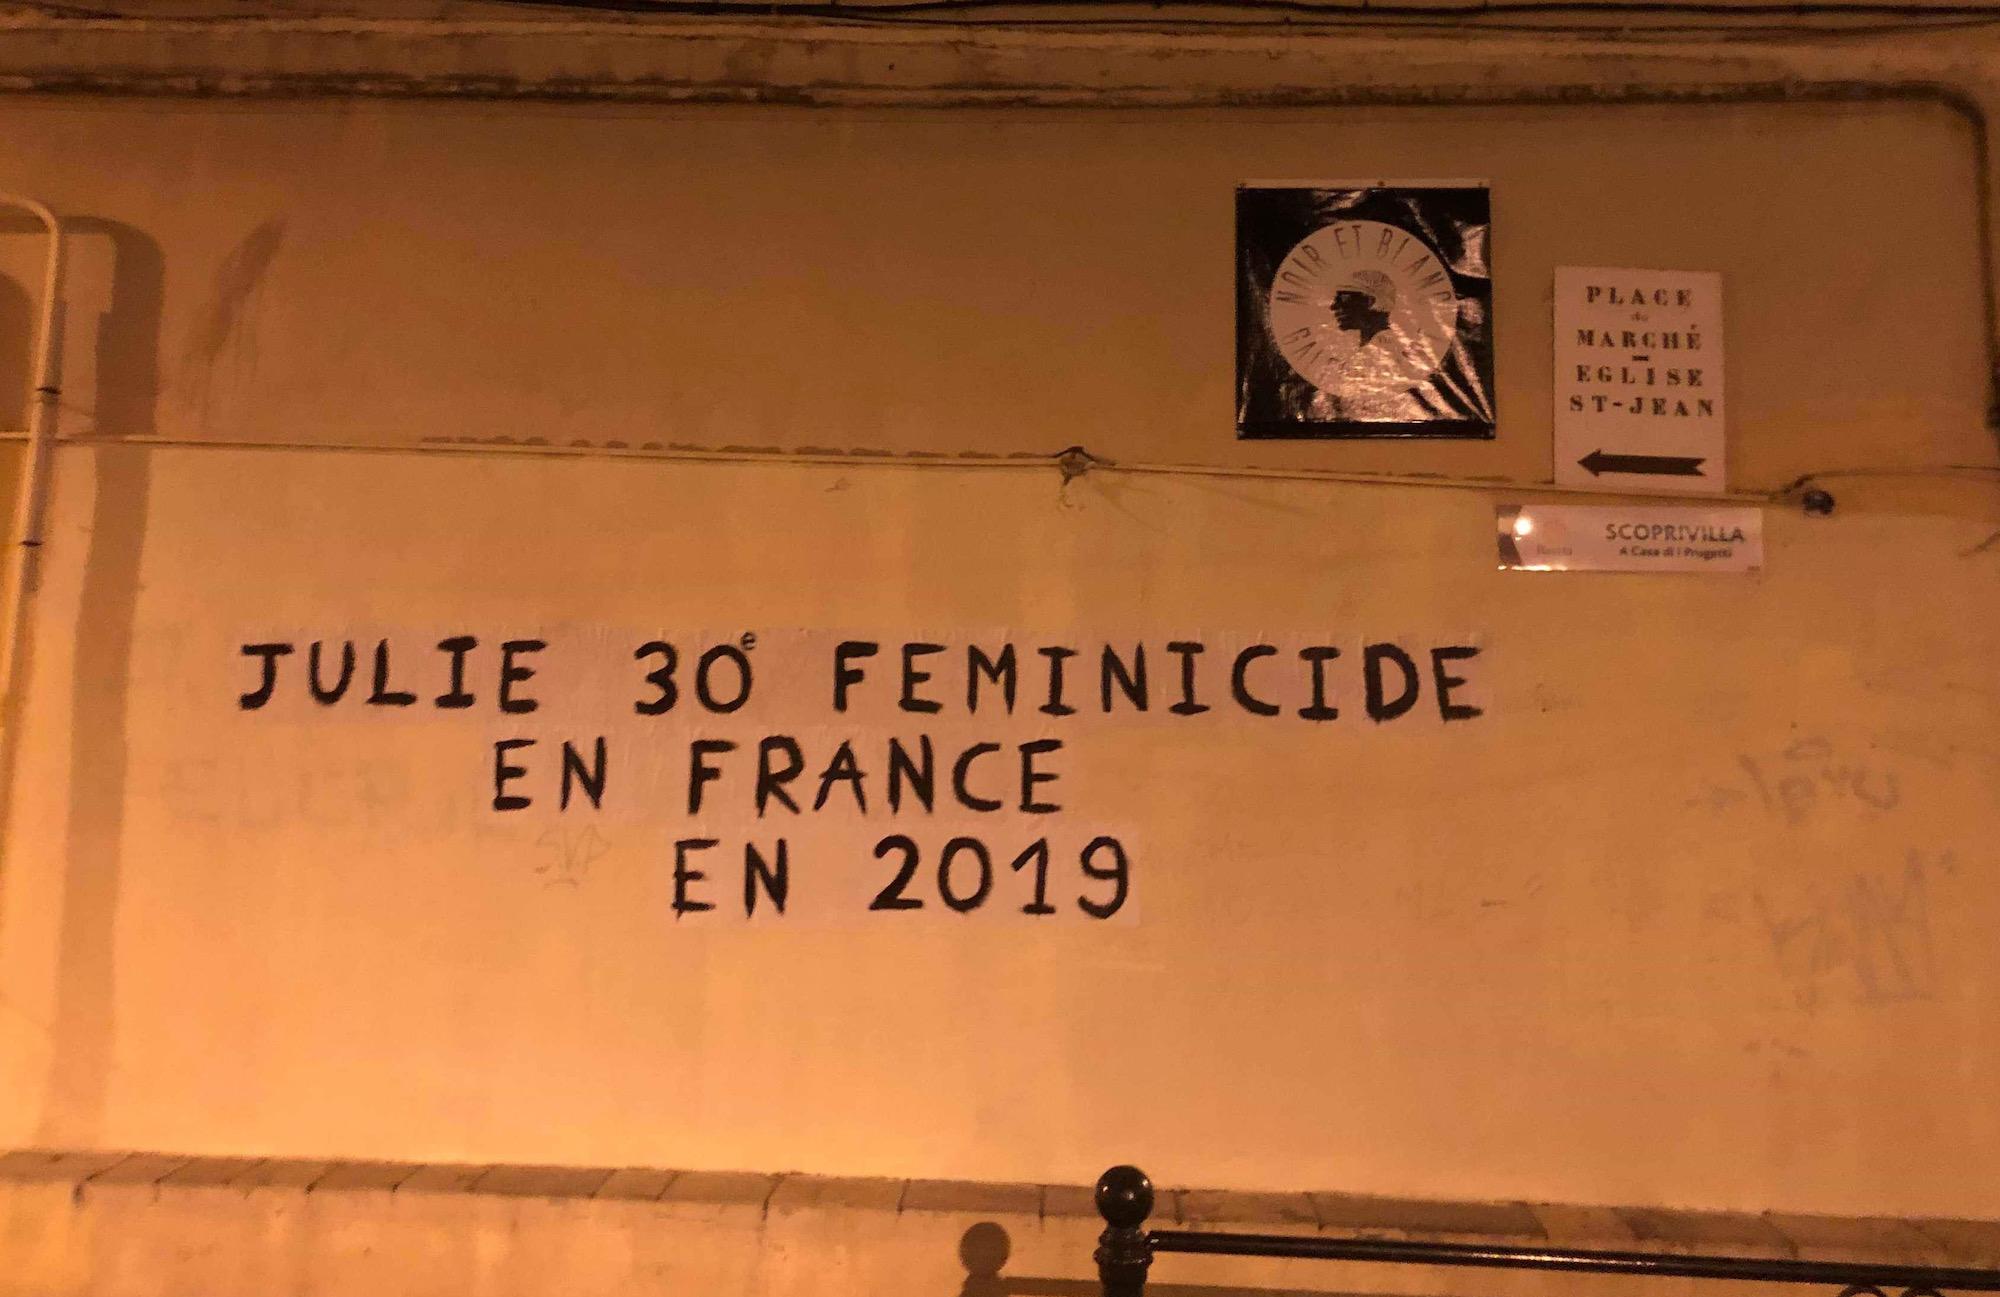 Bastia : Des collages dans les rues pour sensibiliser aux féminicides